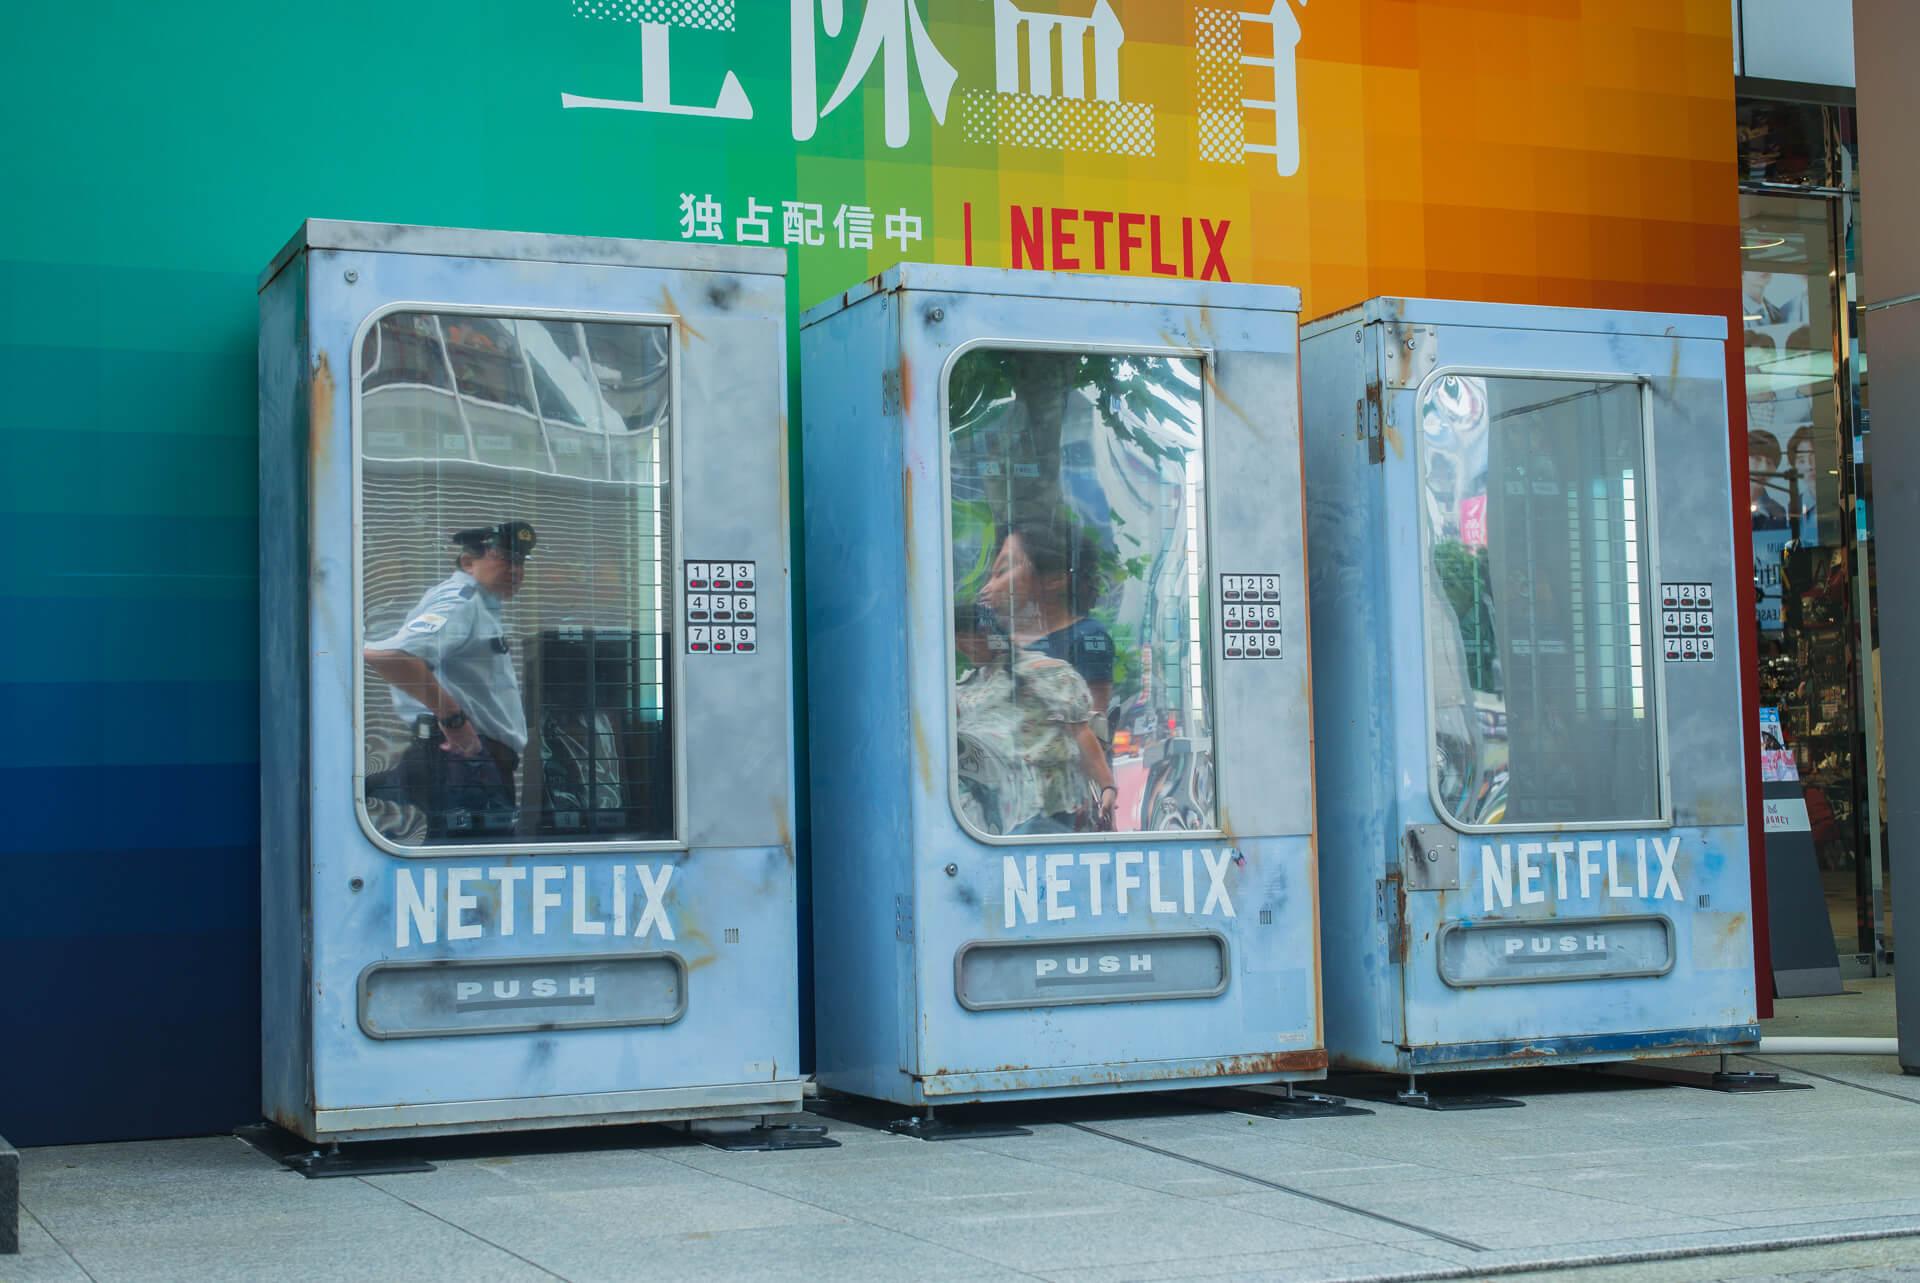 シーズン2の制作が発表されたNetflix『全裸監督』のビニ本自販機が都内に登場 art-culture190816-zenra-2